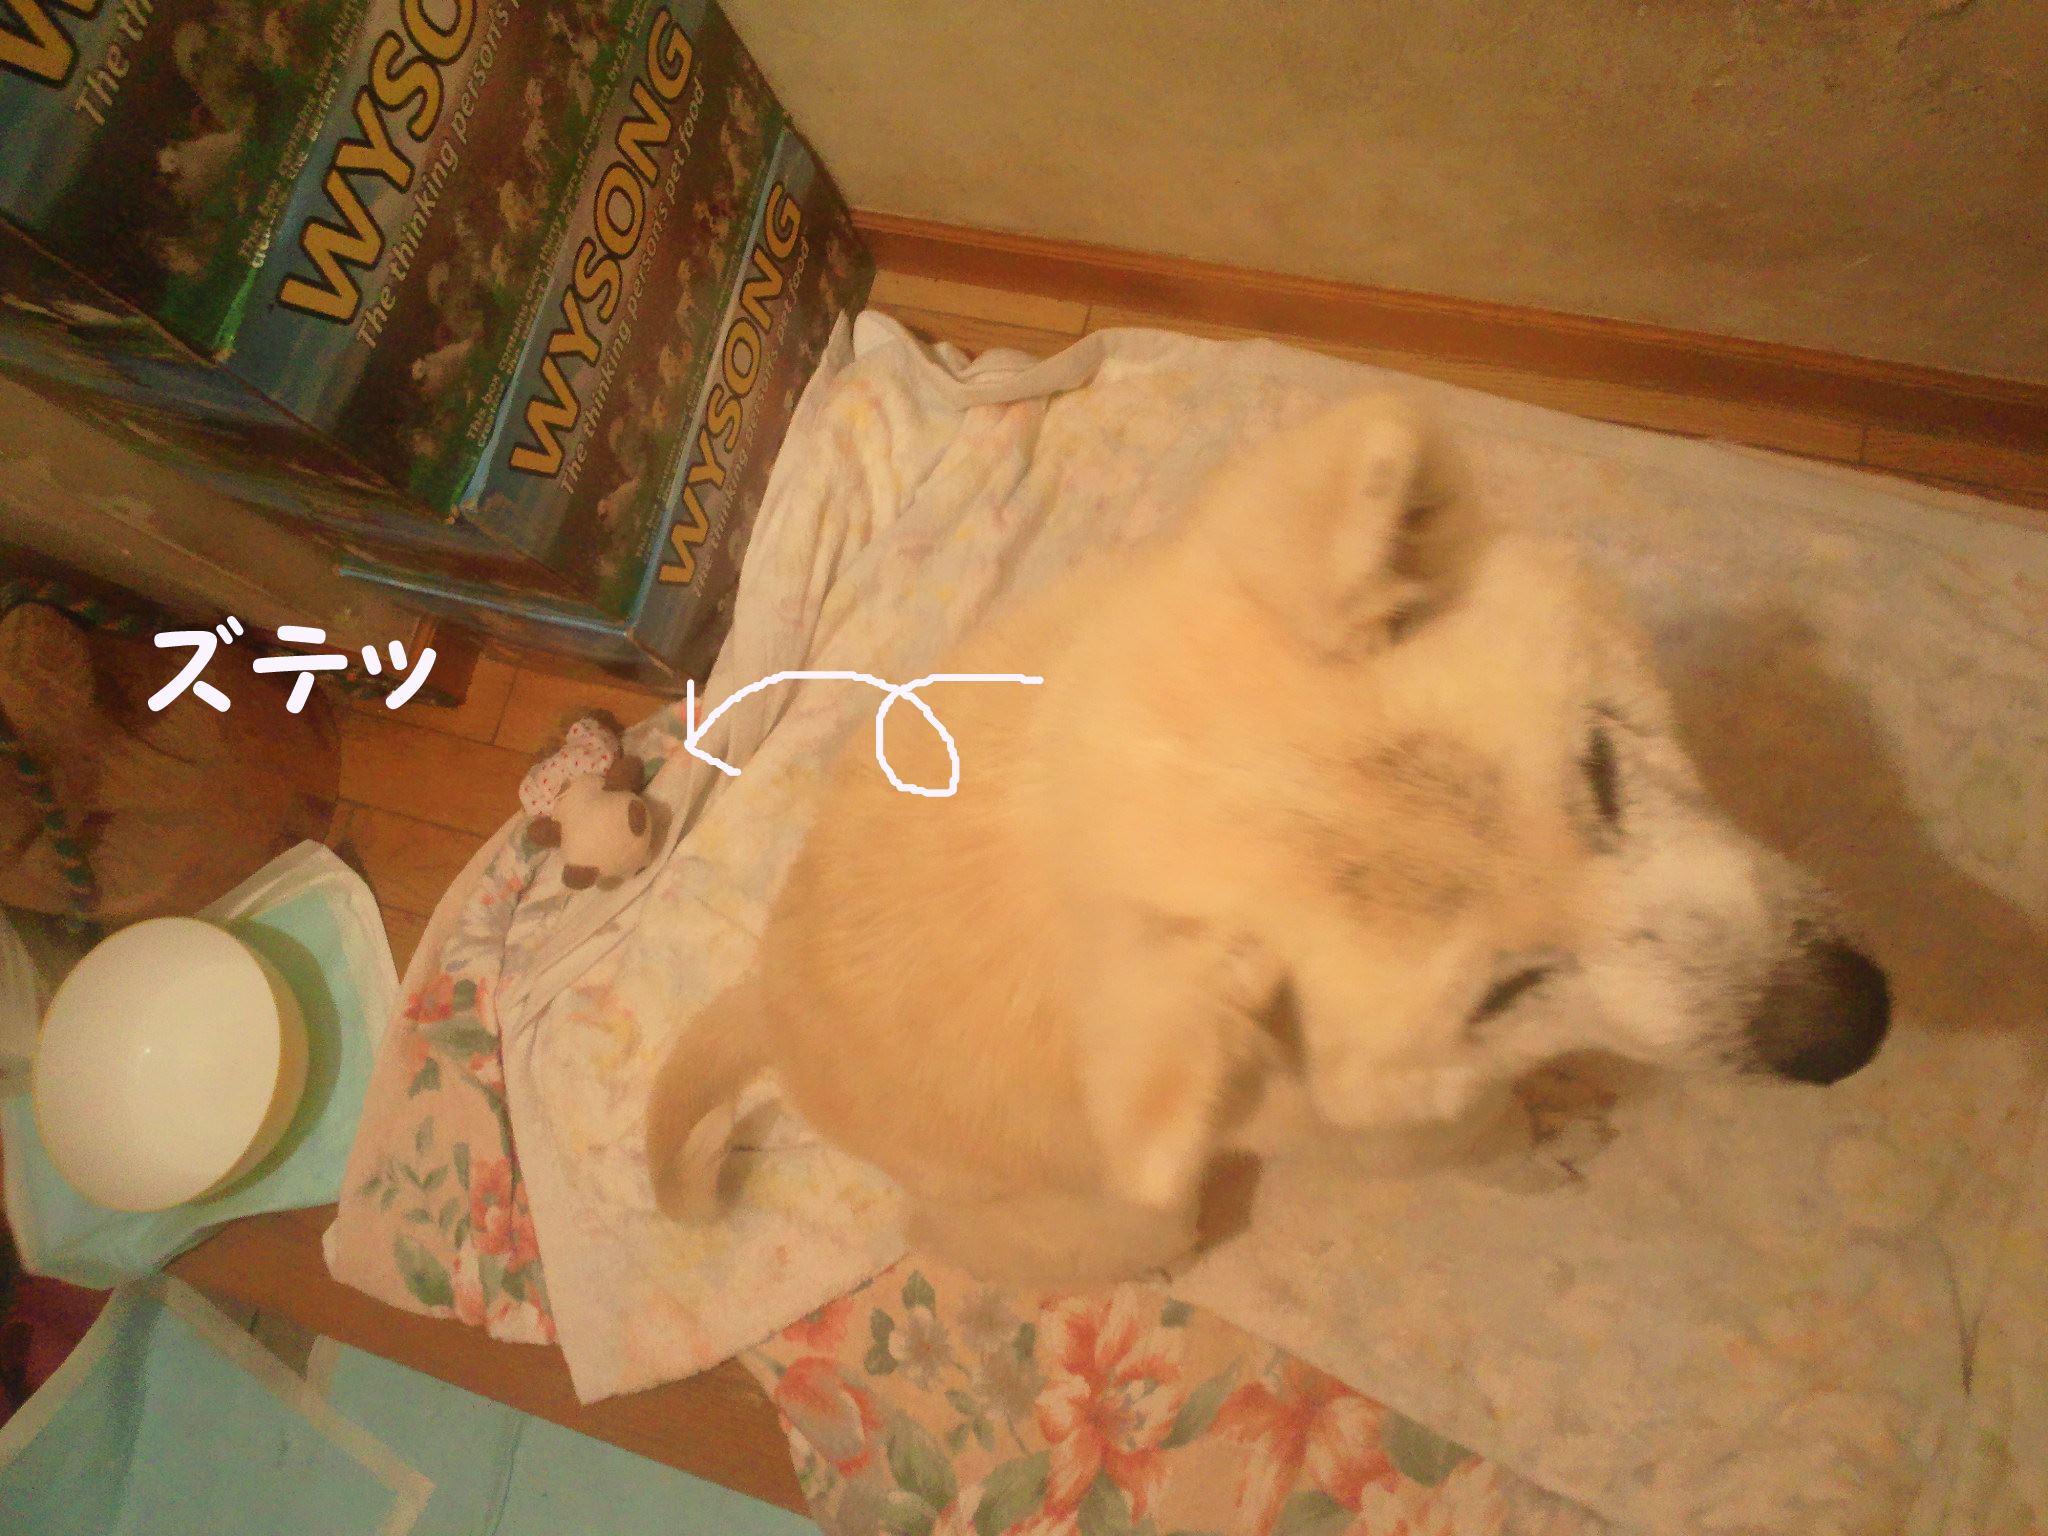 プレゼント for あおば!_f0242002_1342052.jpg